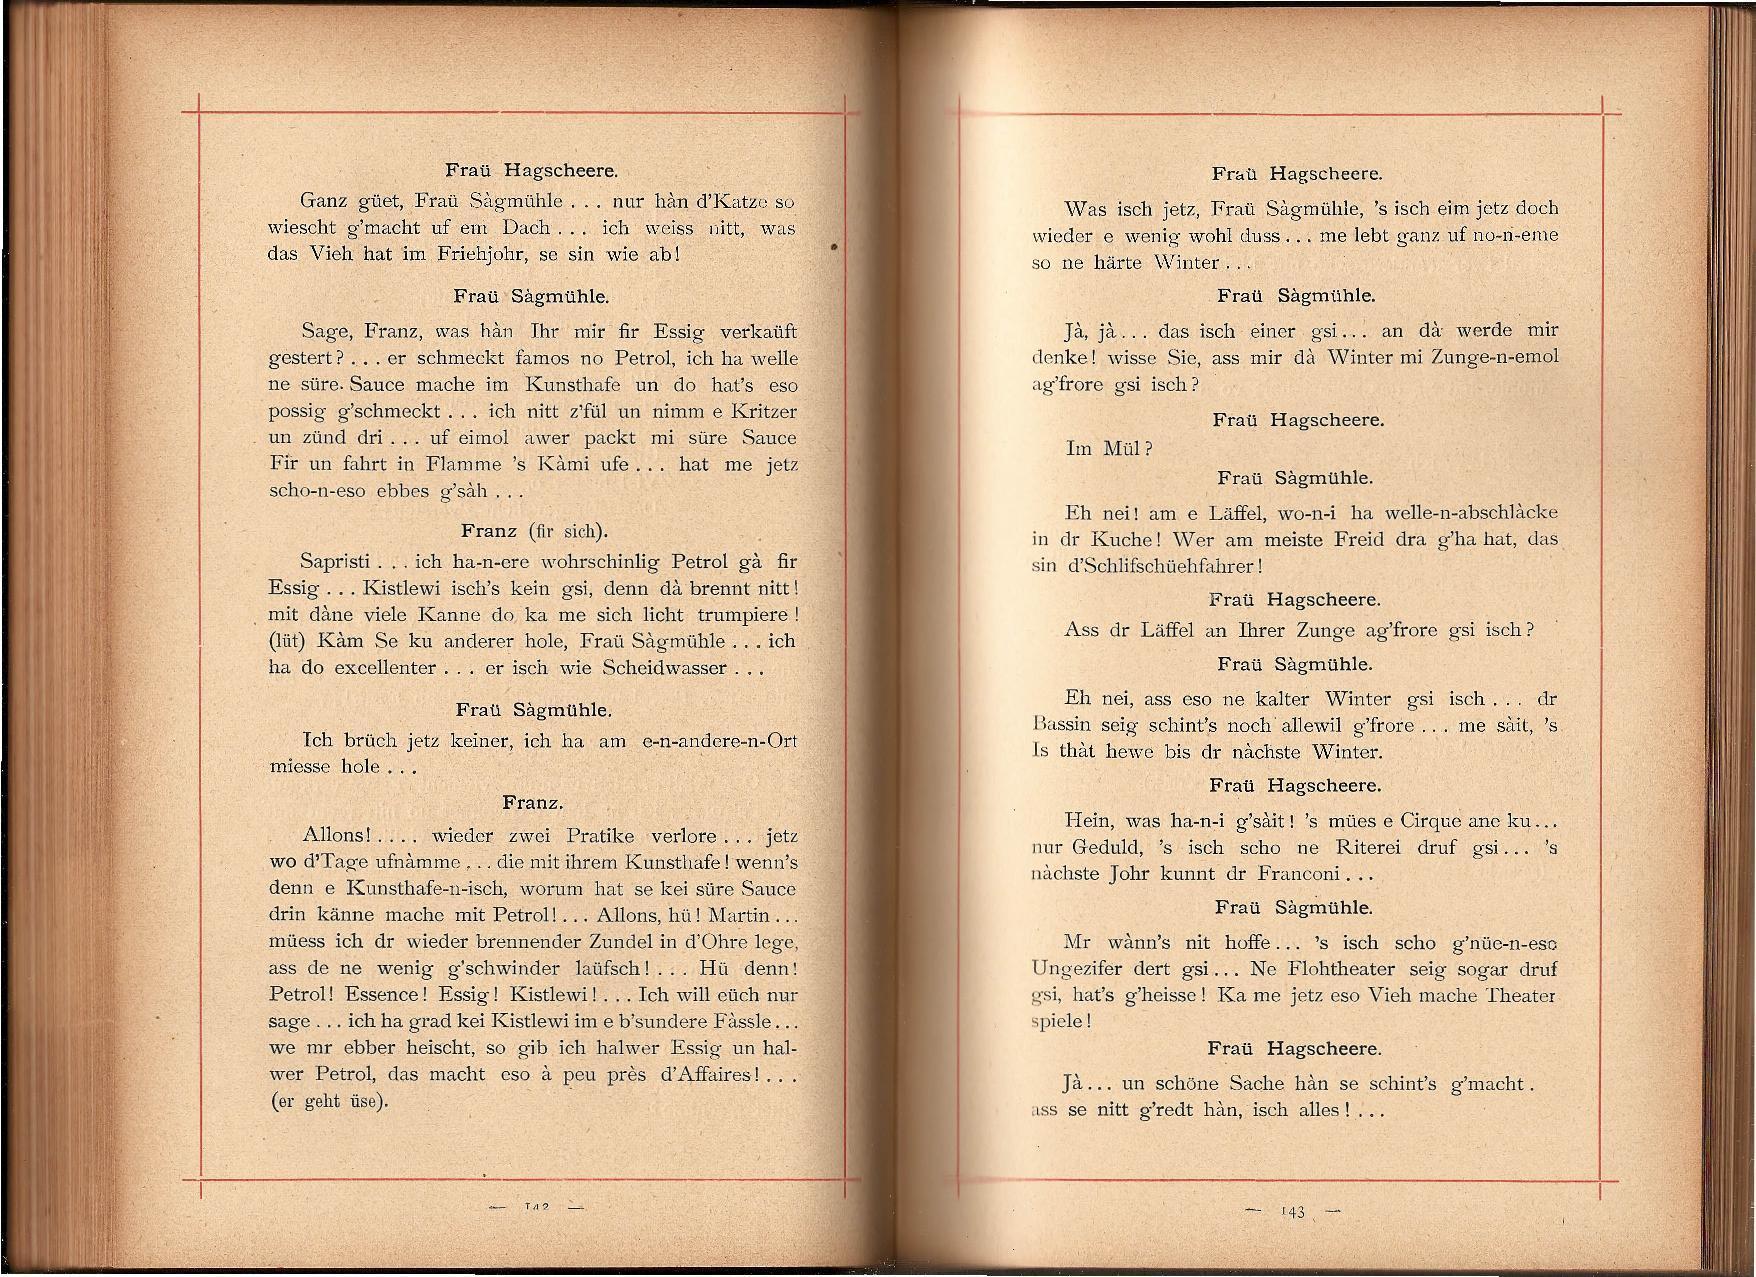 dateialustig s228mtlichewerke zweiterband page142 143pdf